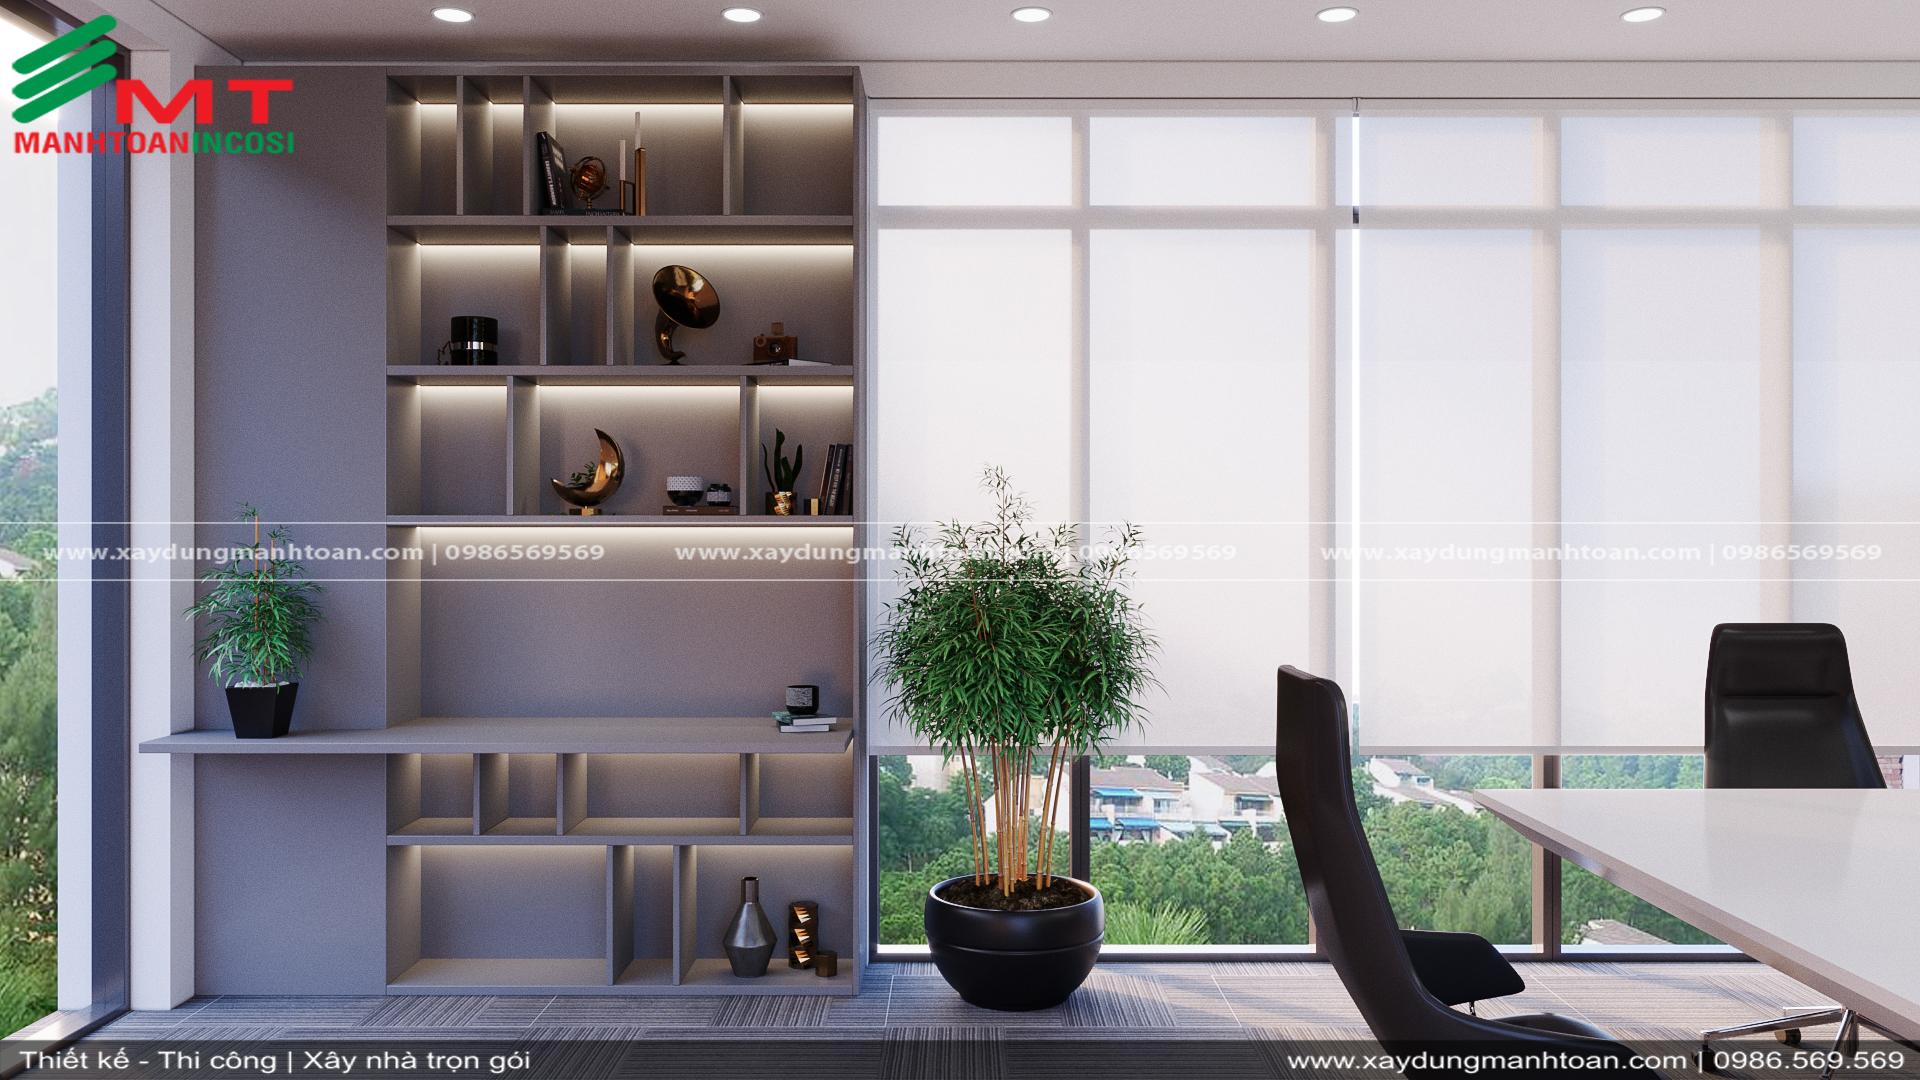 Thiết kế nội thất văn phòng Mạnh Toàn